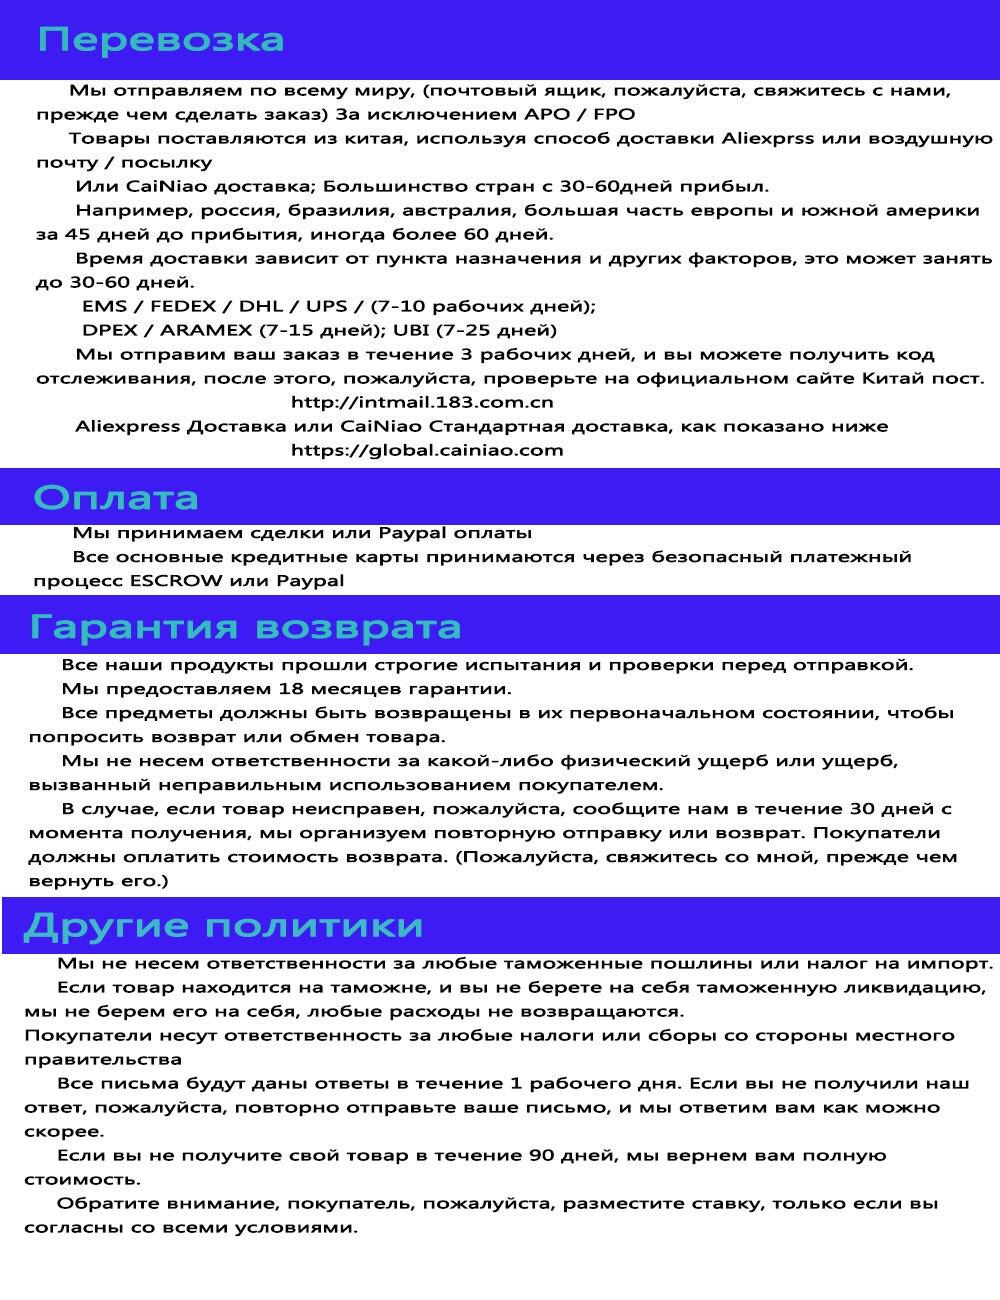 Bill标准产品尾注(新俄文)